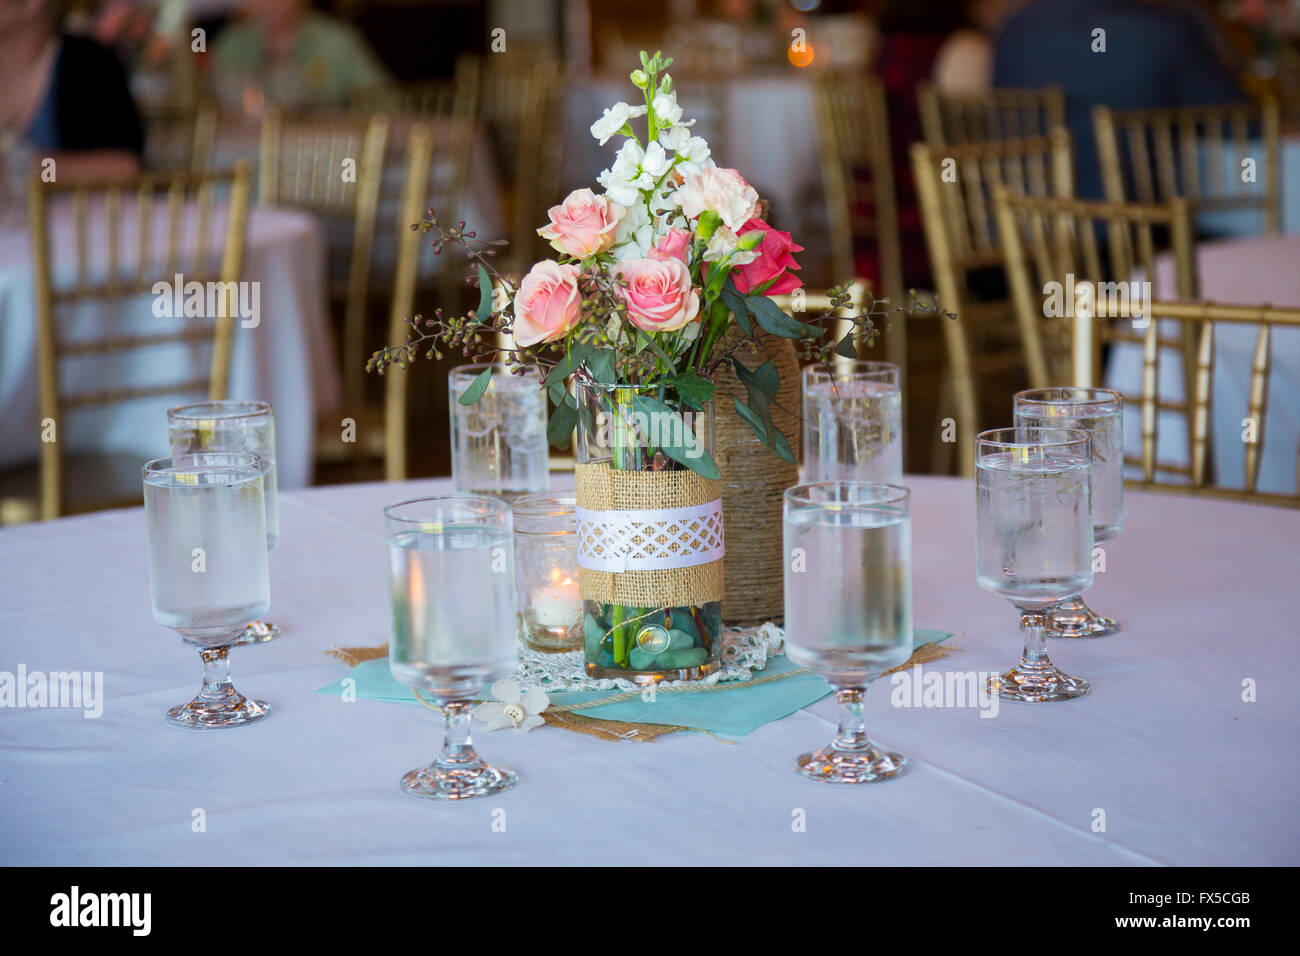 Boda de bricolaje tabla decoraci n centros de mesa con botellas de vino envuelta en arpillera - Bricolaje y decoracion ...